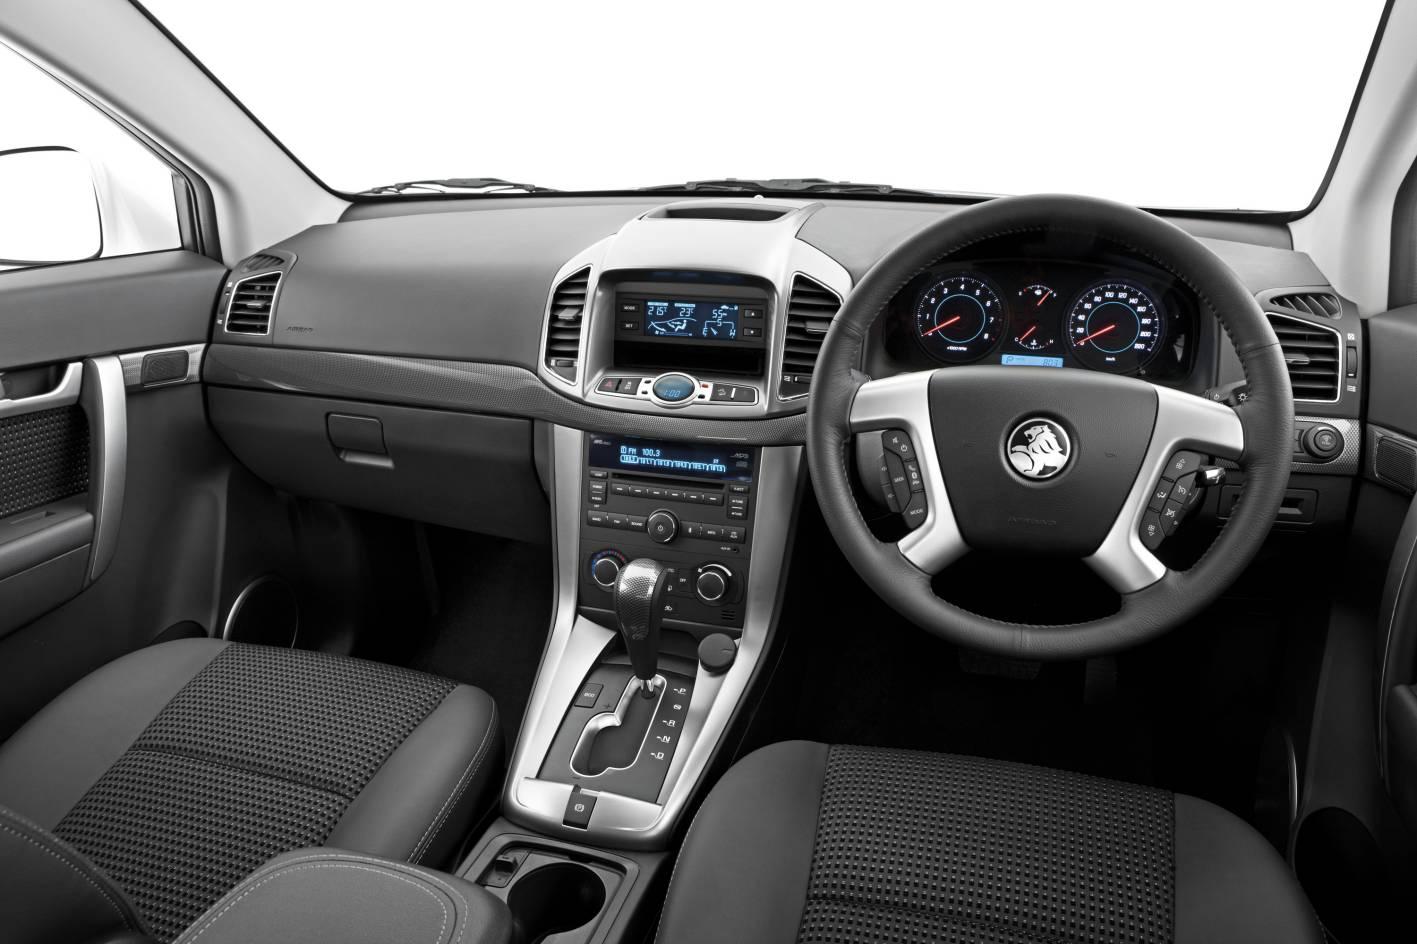 All Chevy 2008 chevrolet captiva review : EFTM Review: Holden Captiva 5 vs Holden Captiva 7 – EFTM